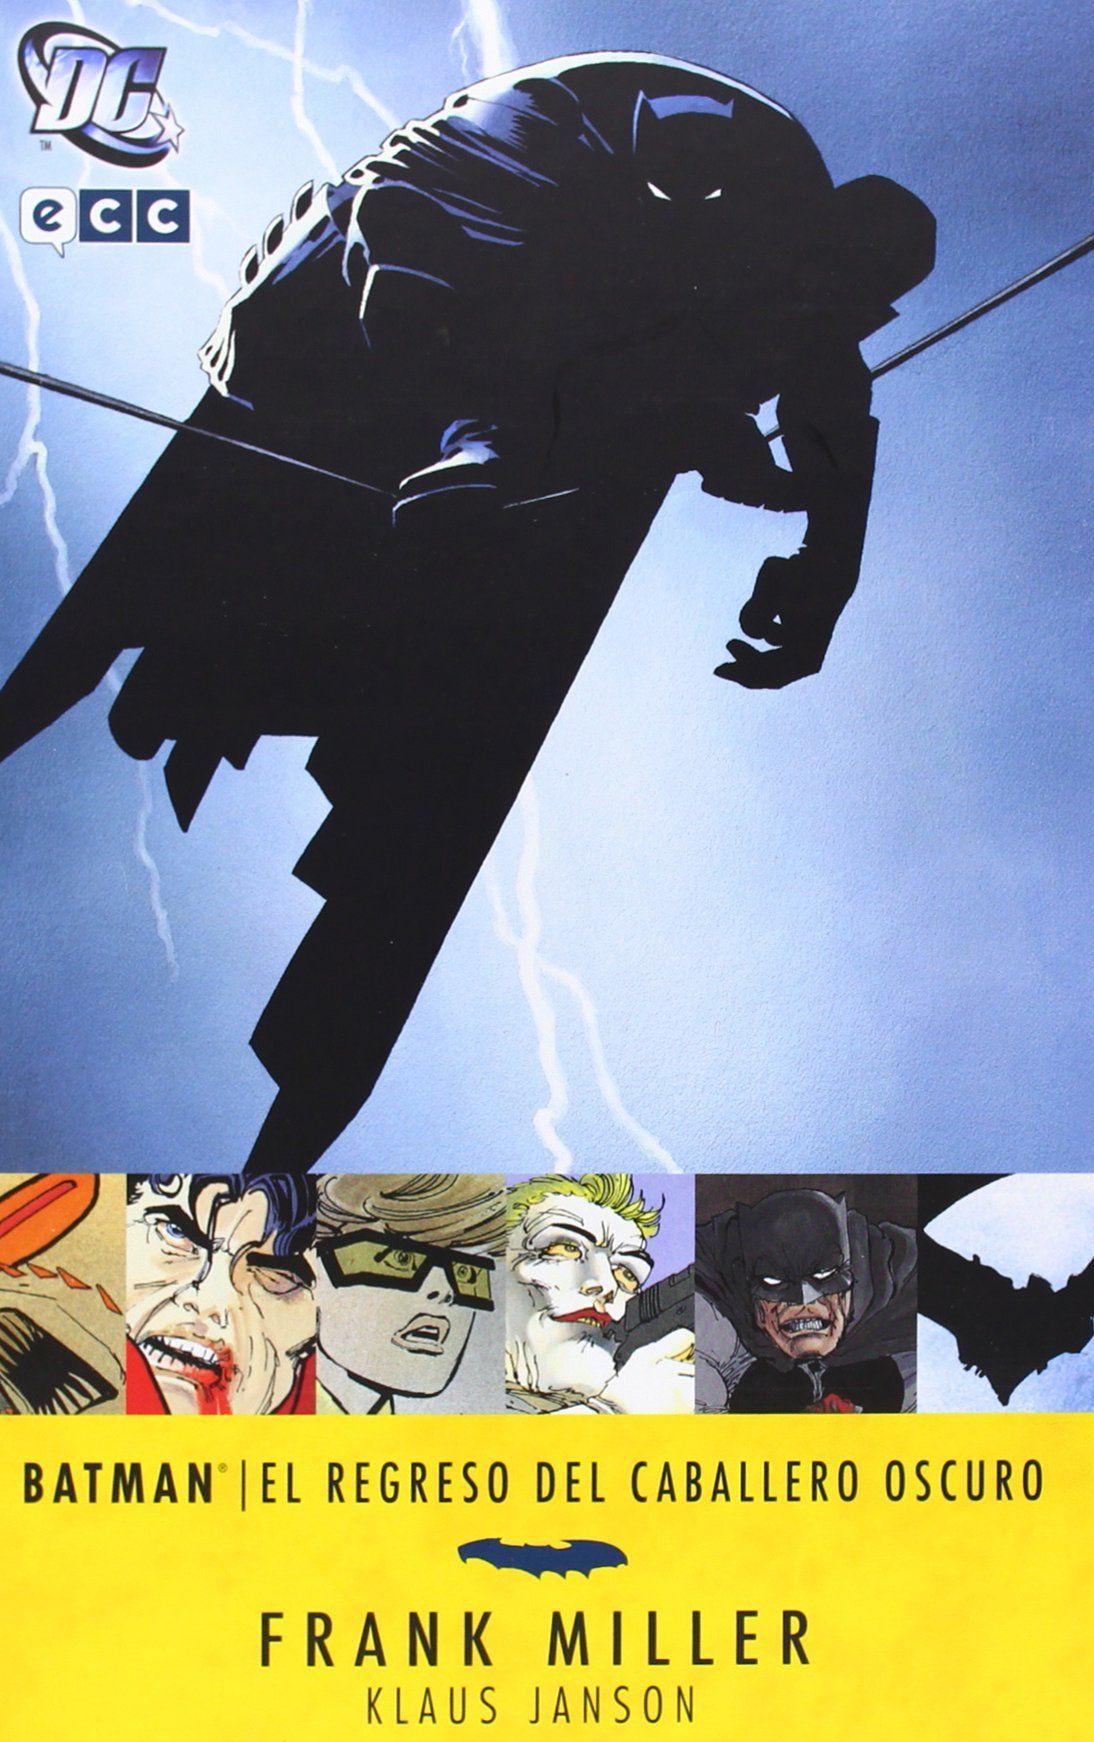 Batman El Regreso Del Caballero Oscuro Frank Miller Dibujante Kl El Regreso Del Caballero Oscuro Caballero Oscuro Batman El Regreso Del Caballero Oscuro